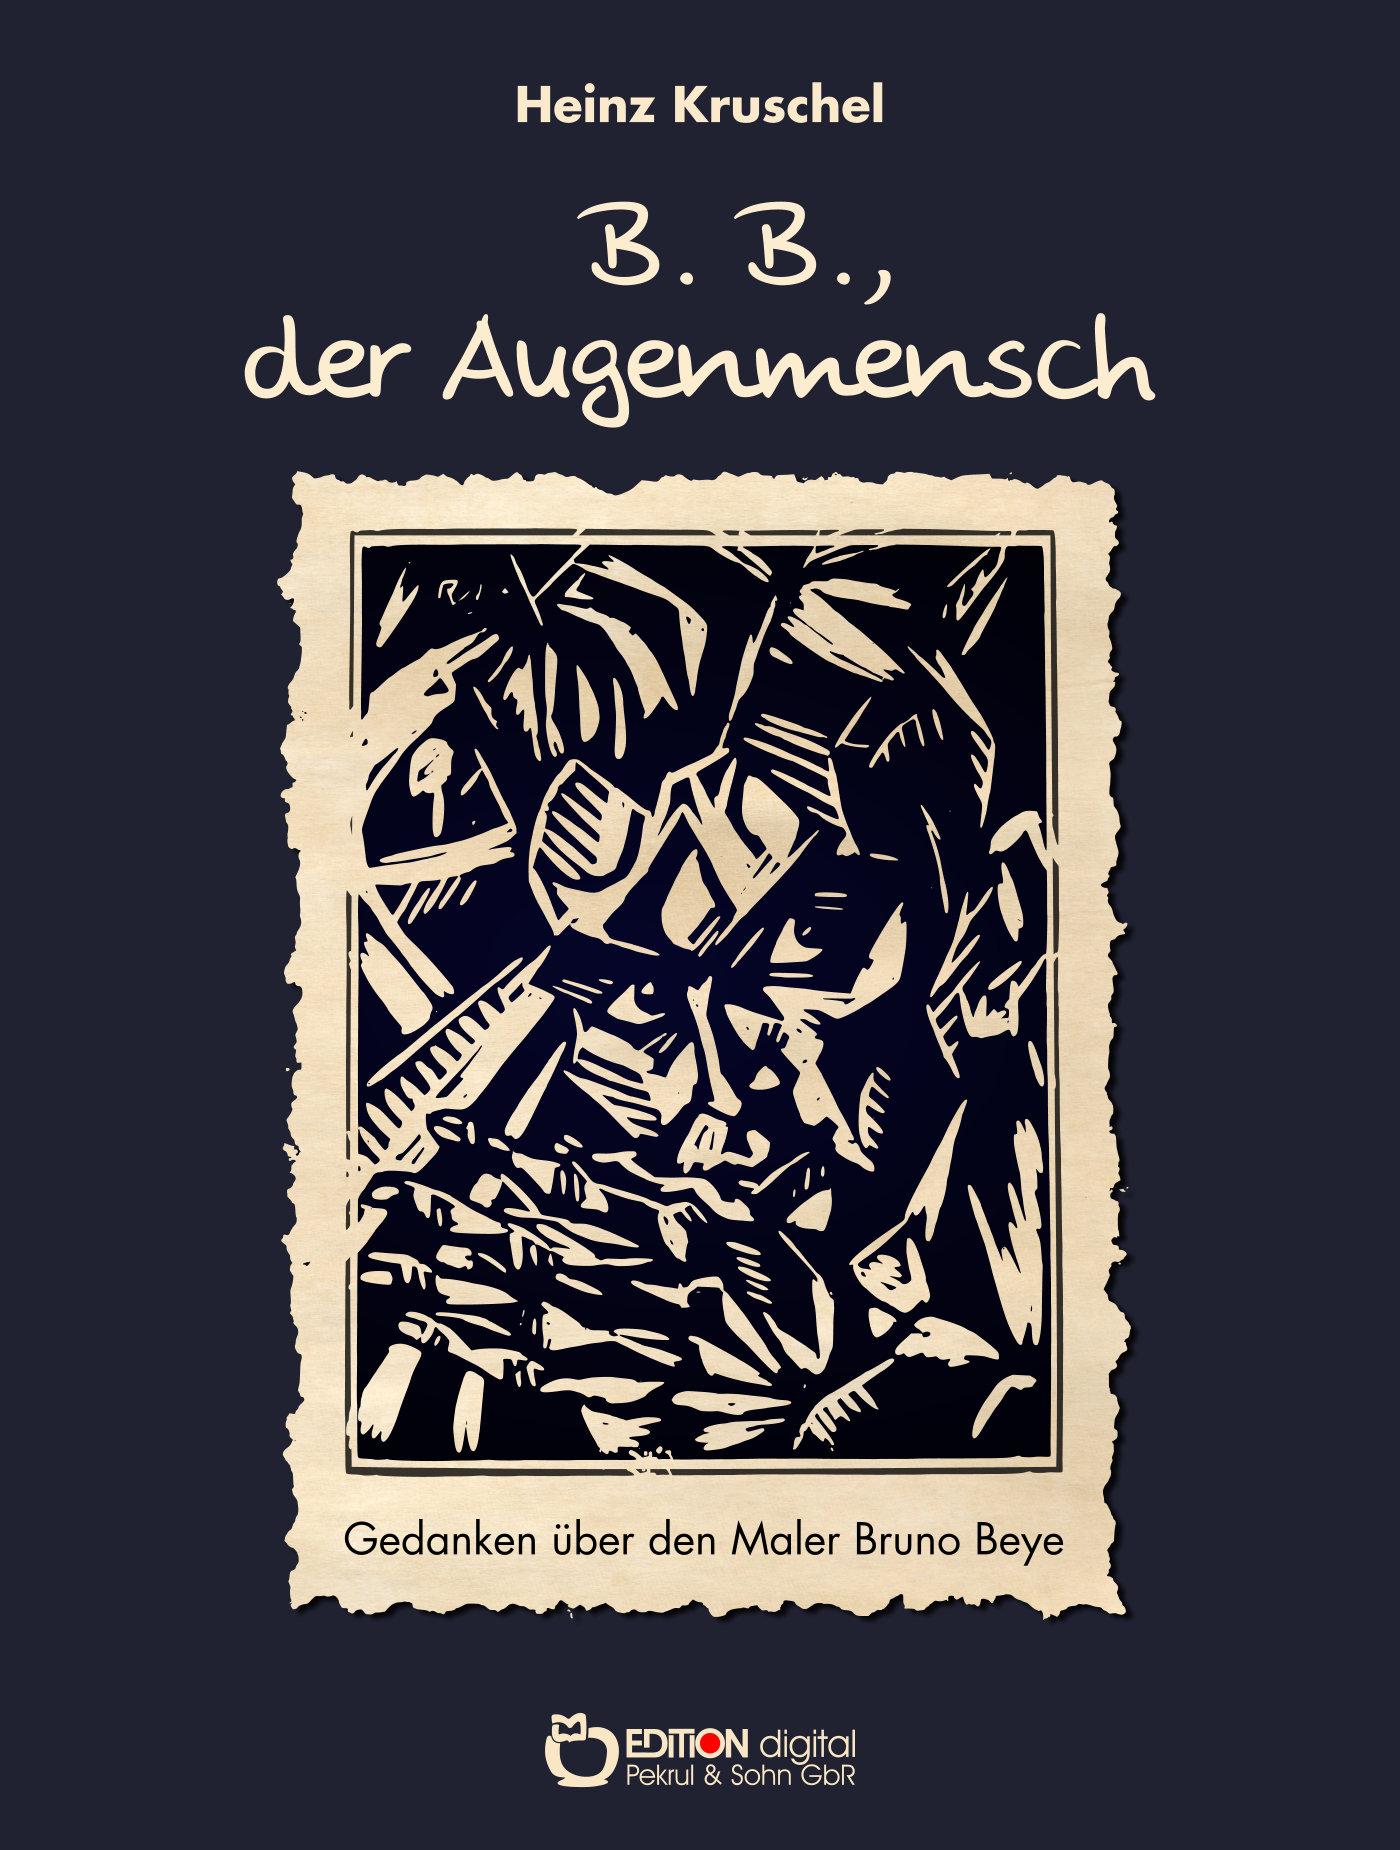 B.B., der Augenmensch. Gedanken über den Maler Bruno Beye von Heinz Kruschel